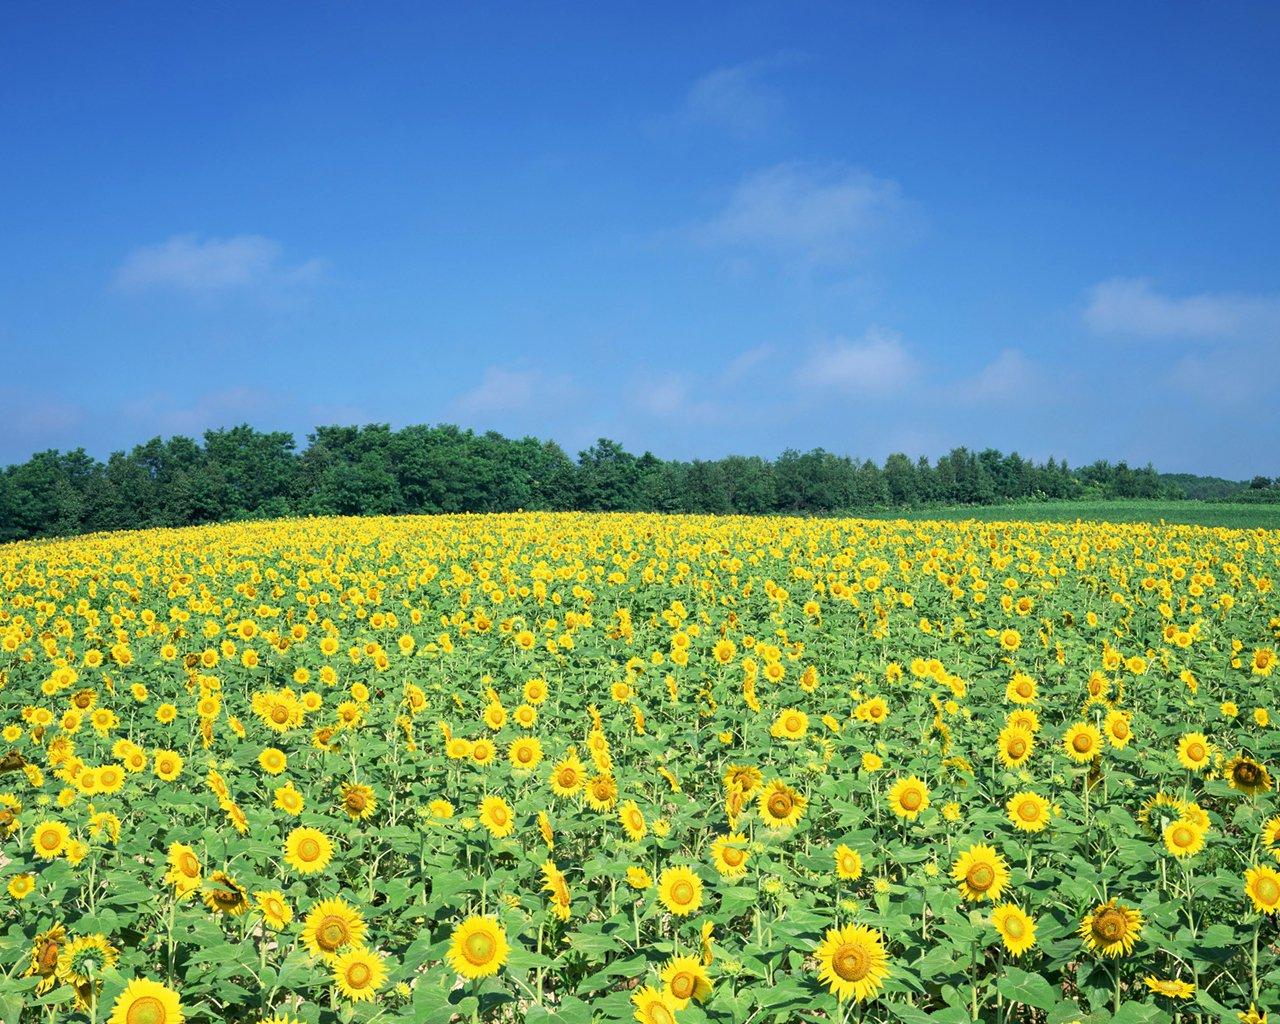 壁纸 成片种植 风景 花 植物 种植基地 桌面 1280_1024